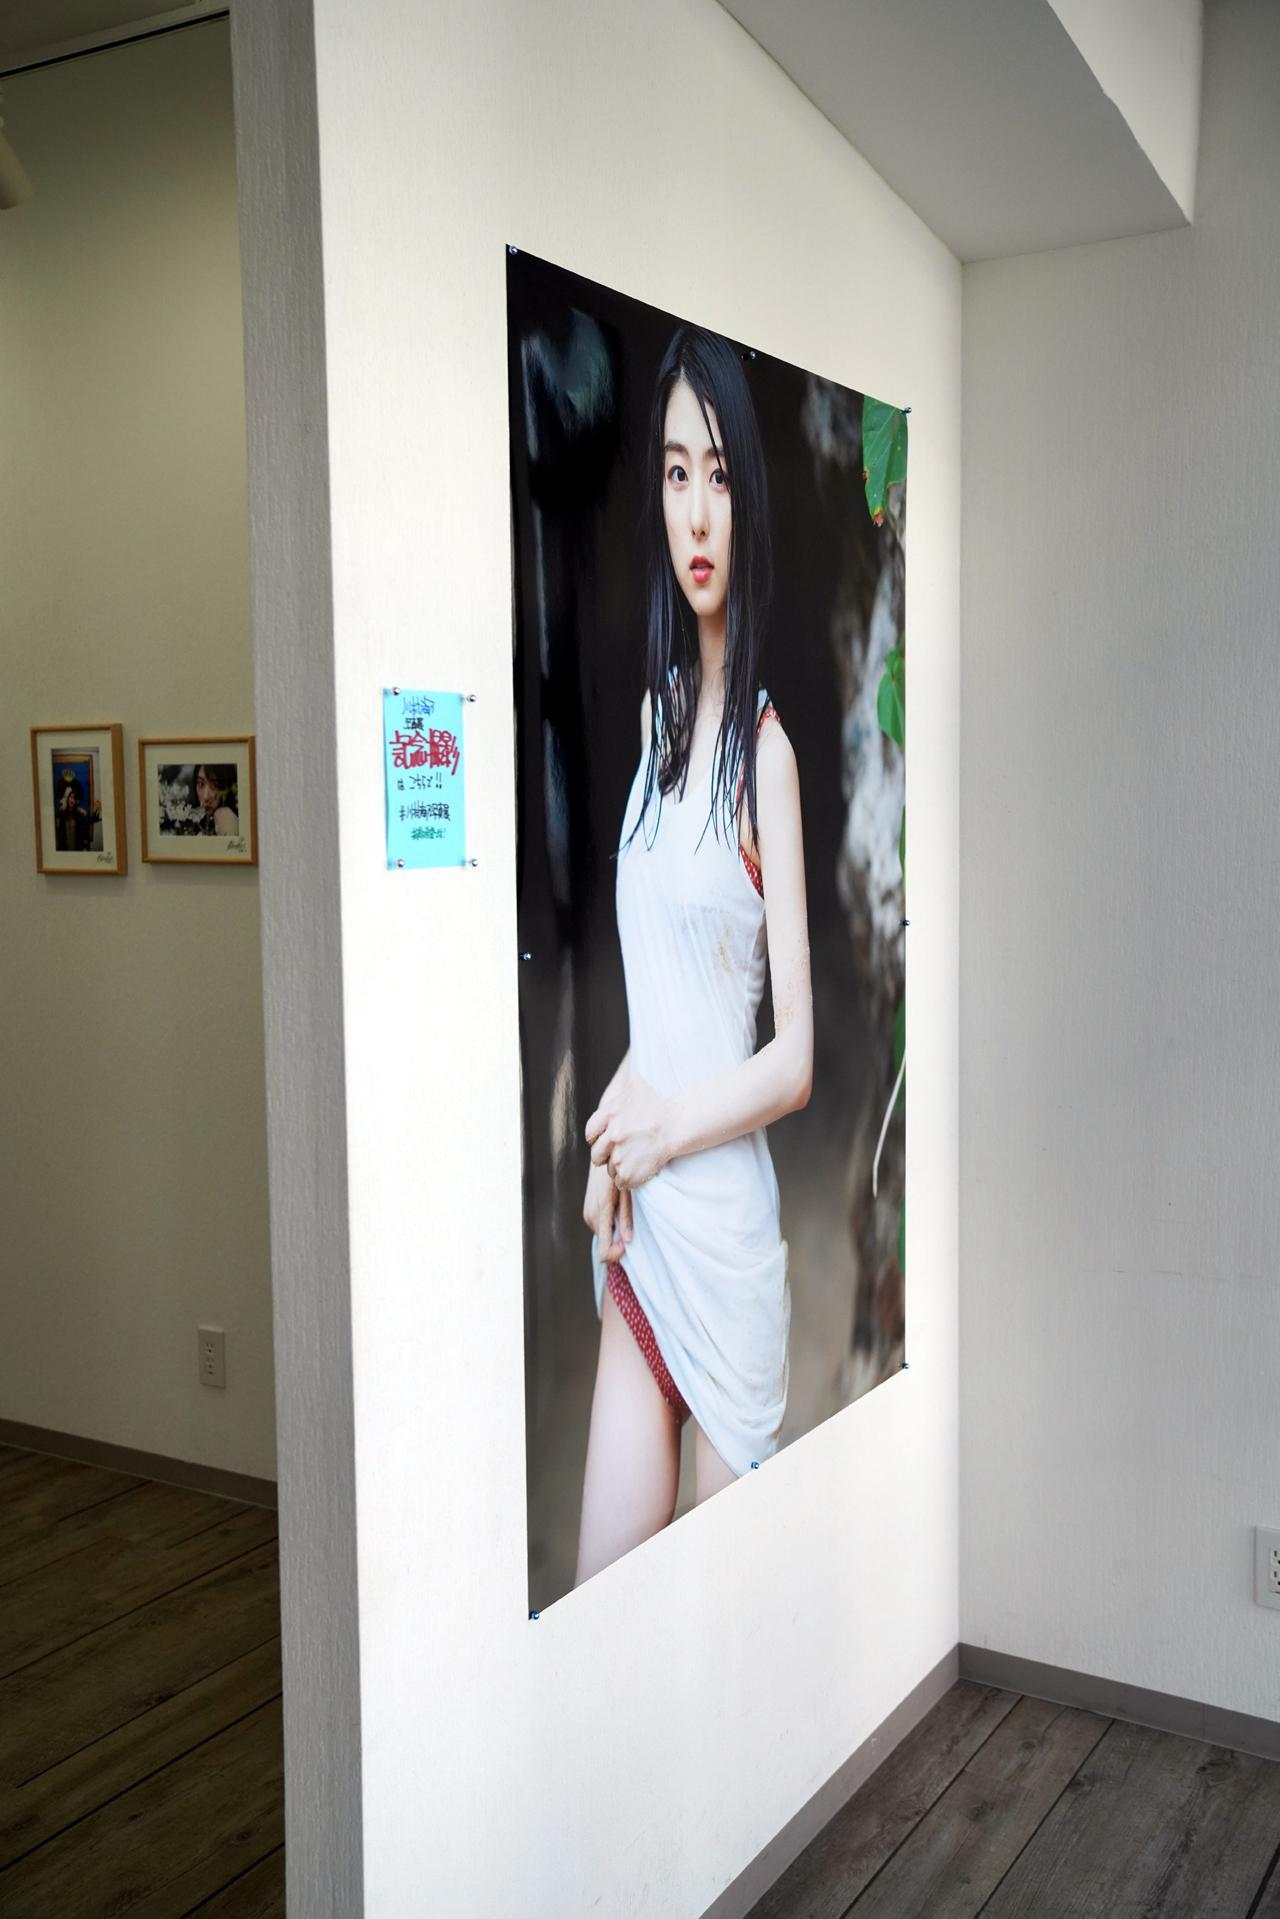 画像: 「川村海乃×魚住誠一 写真イラスト展」が本日(11/5)より、 東京・渋谷「ギャラリー・ルデコ」5階で開催中!11/10まで。